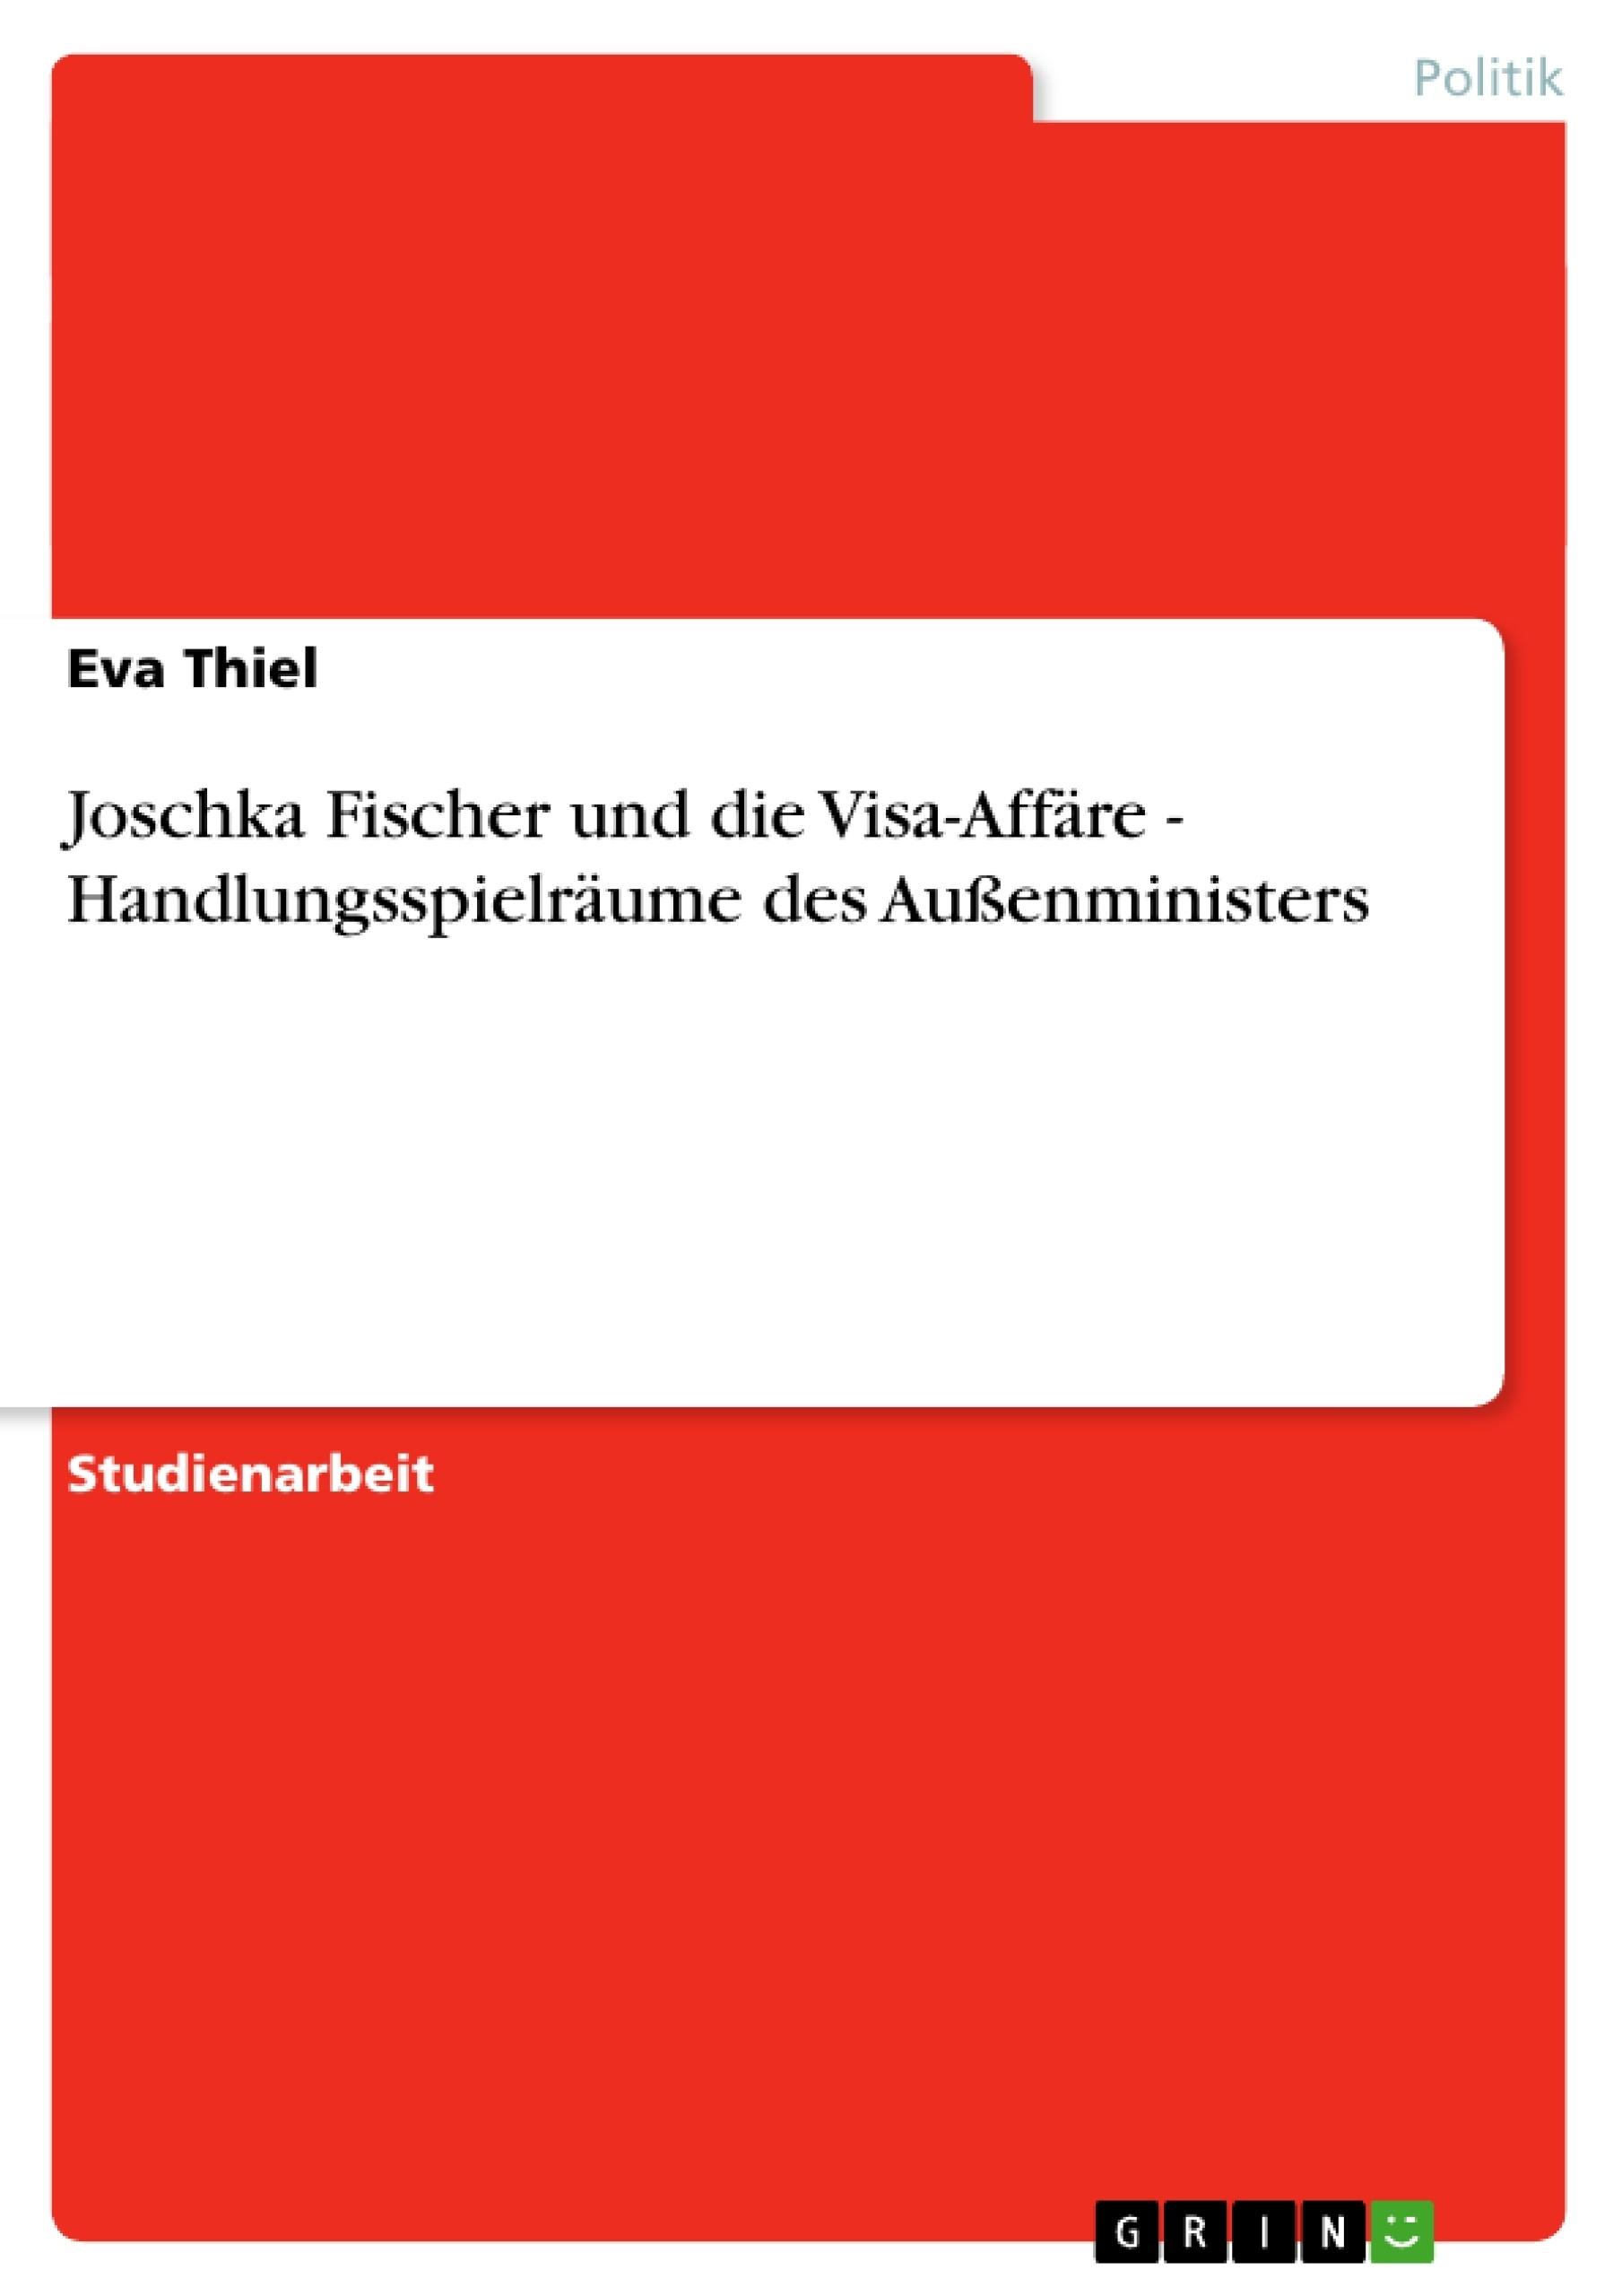 Titel: Joschka Fischer und die Visa-Affäre - Handlungsspielräume des Außenministers